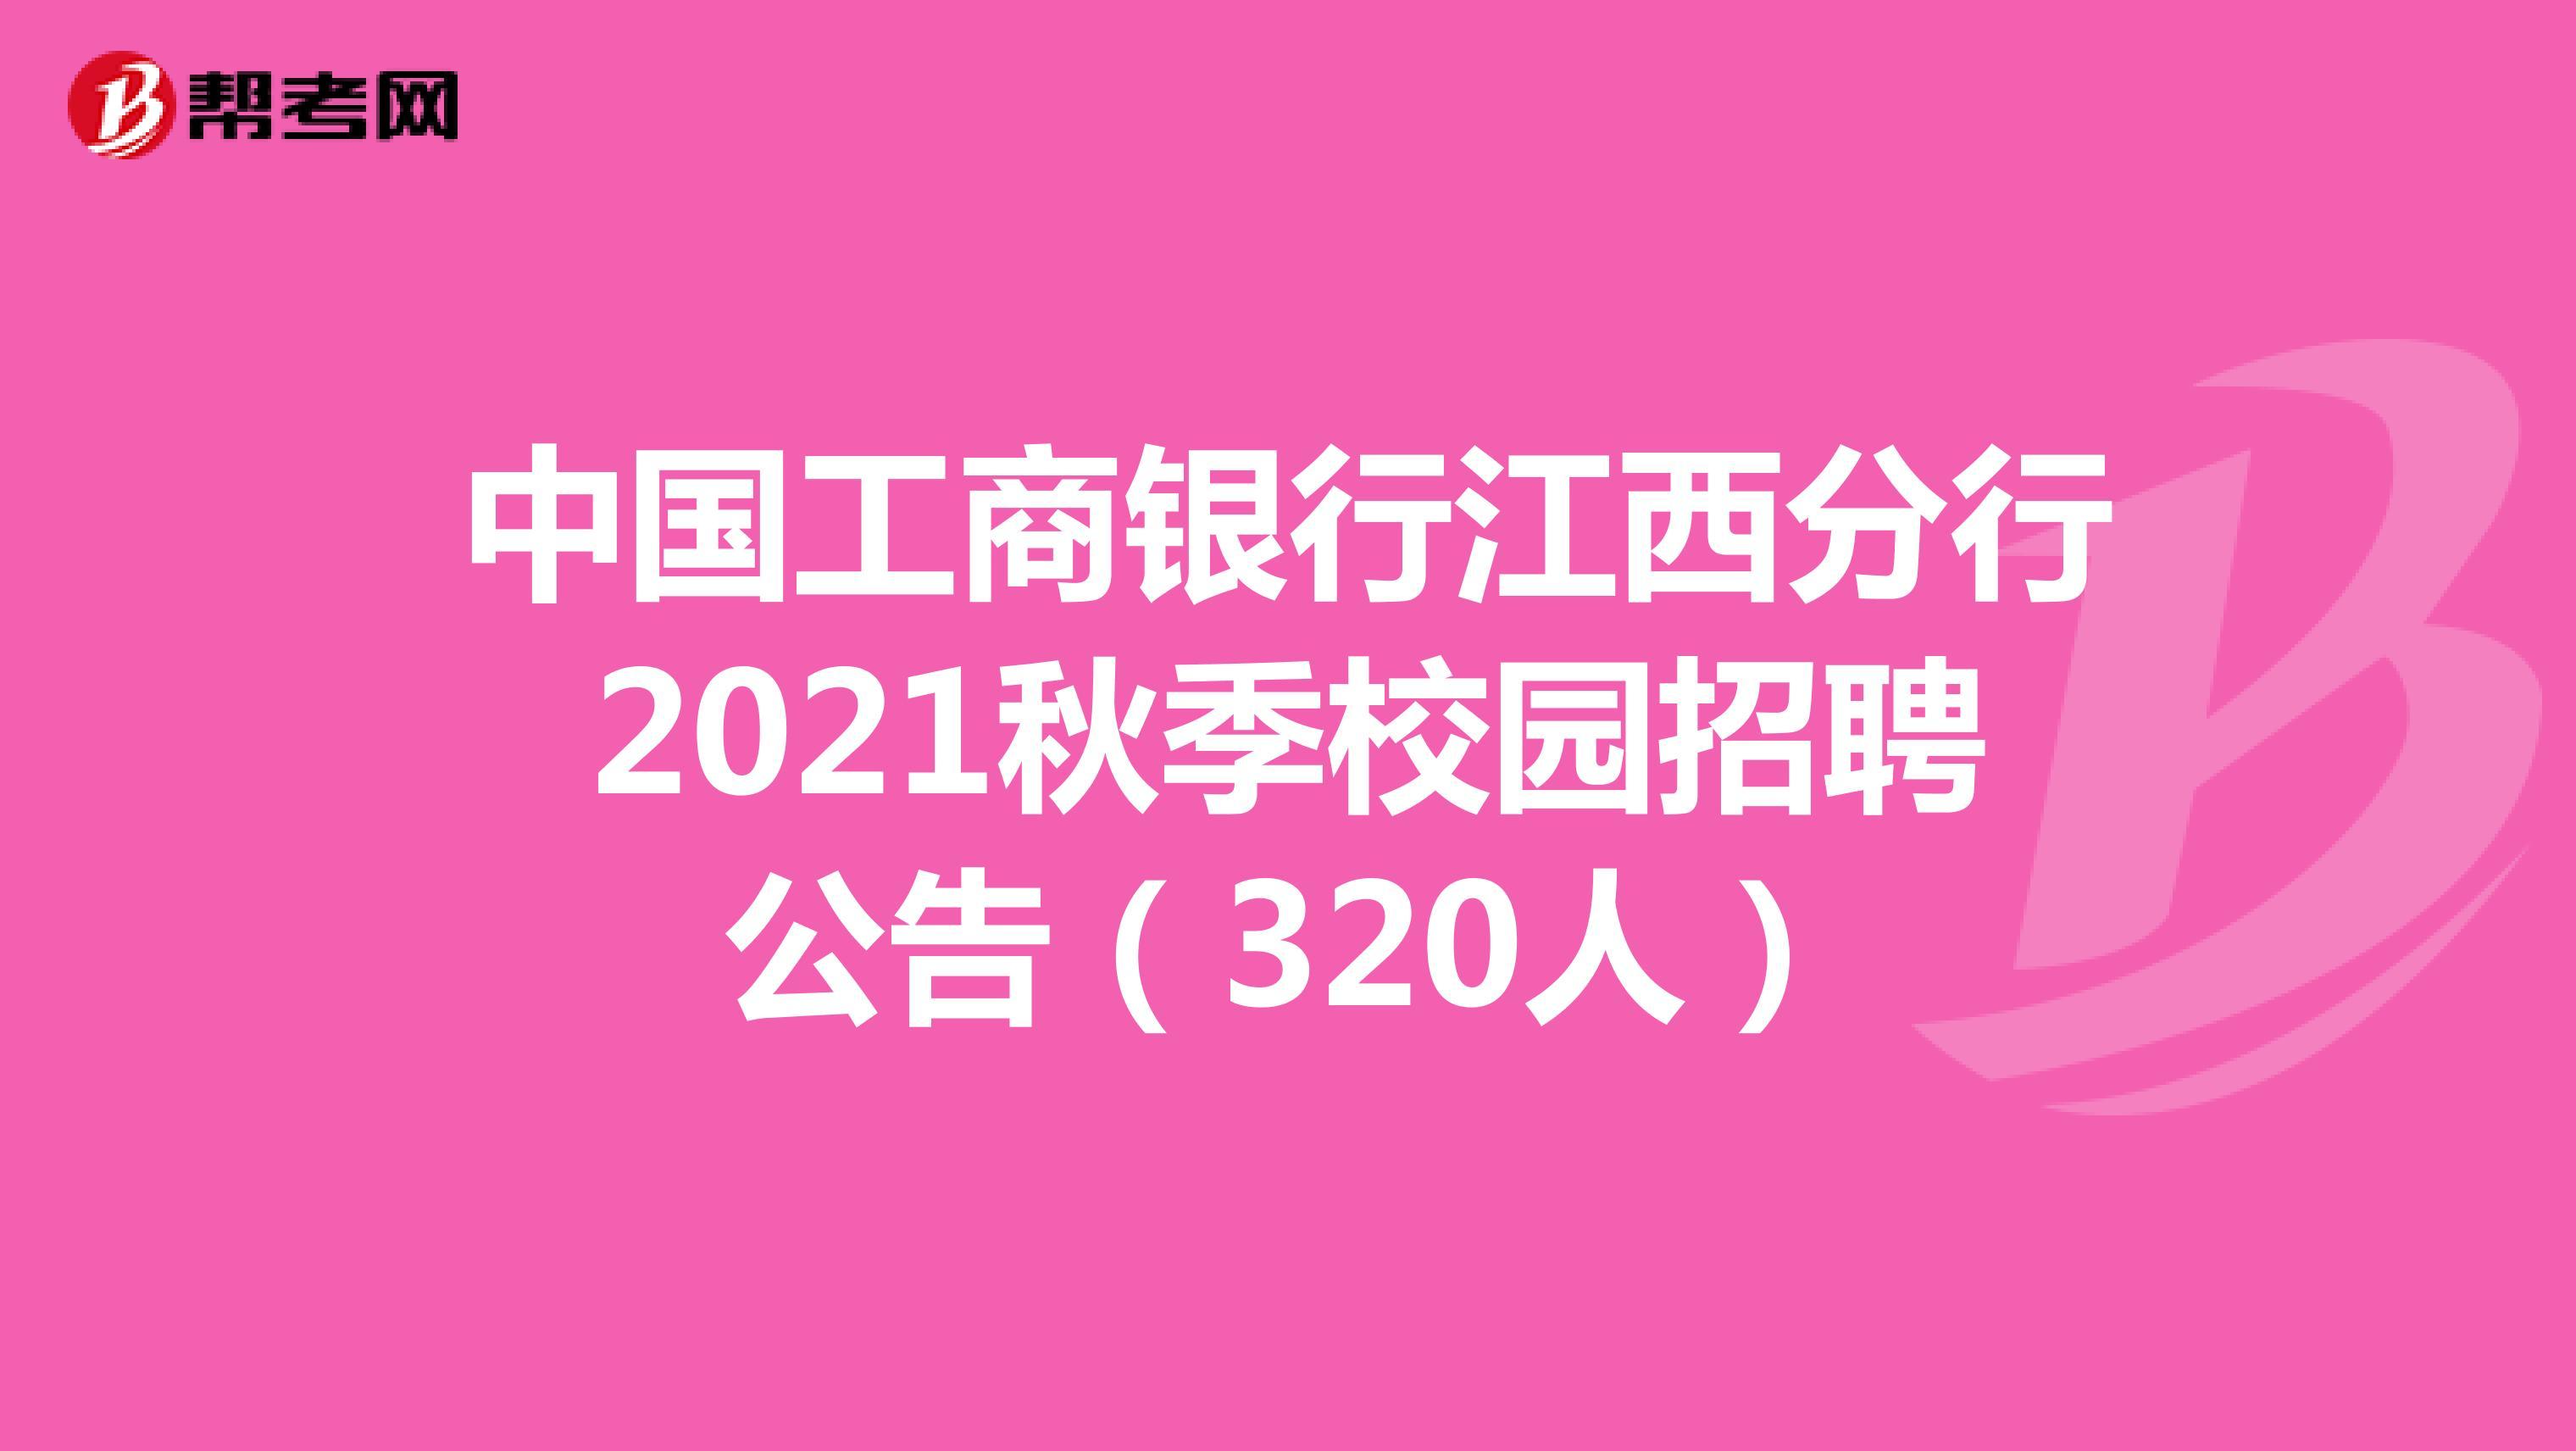 中国工商银行江西分行2021秋季校园招聘公告(320人)